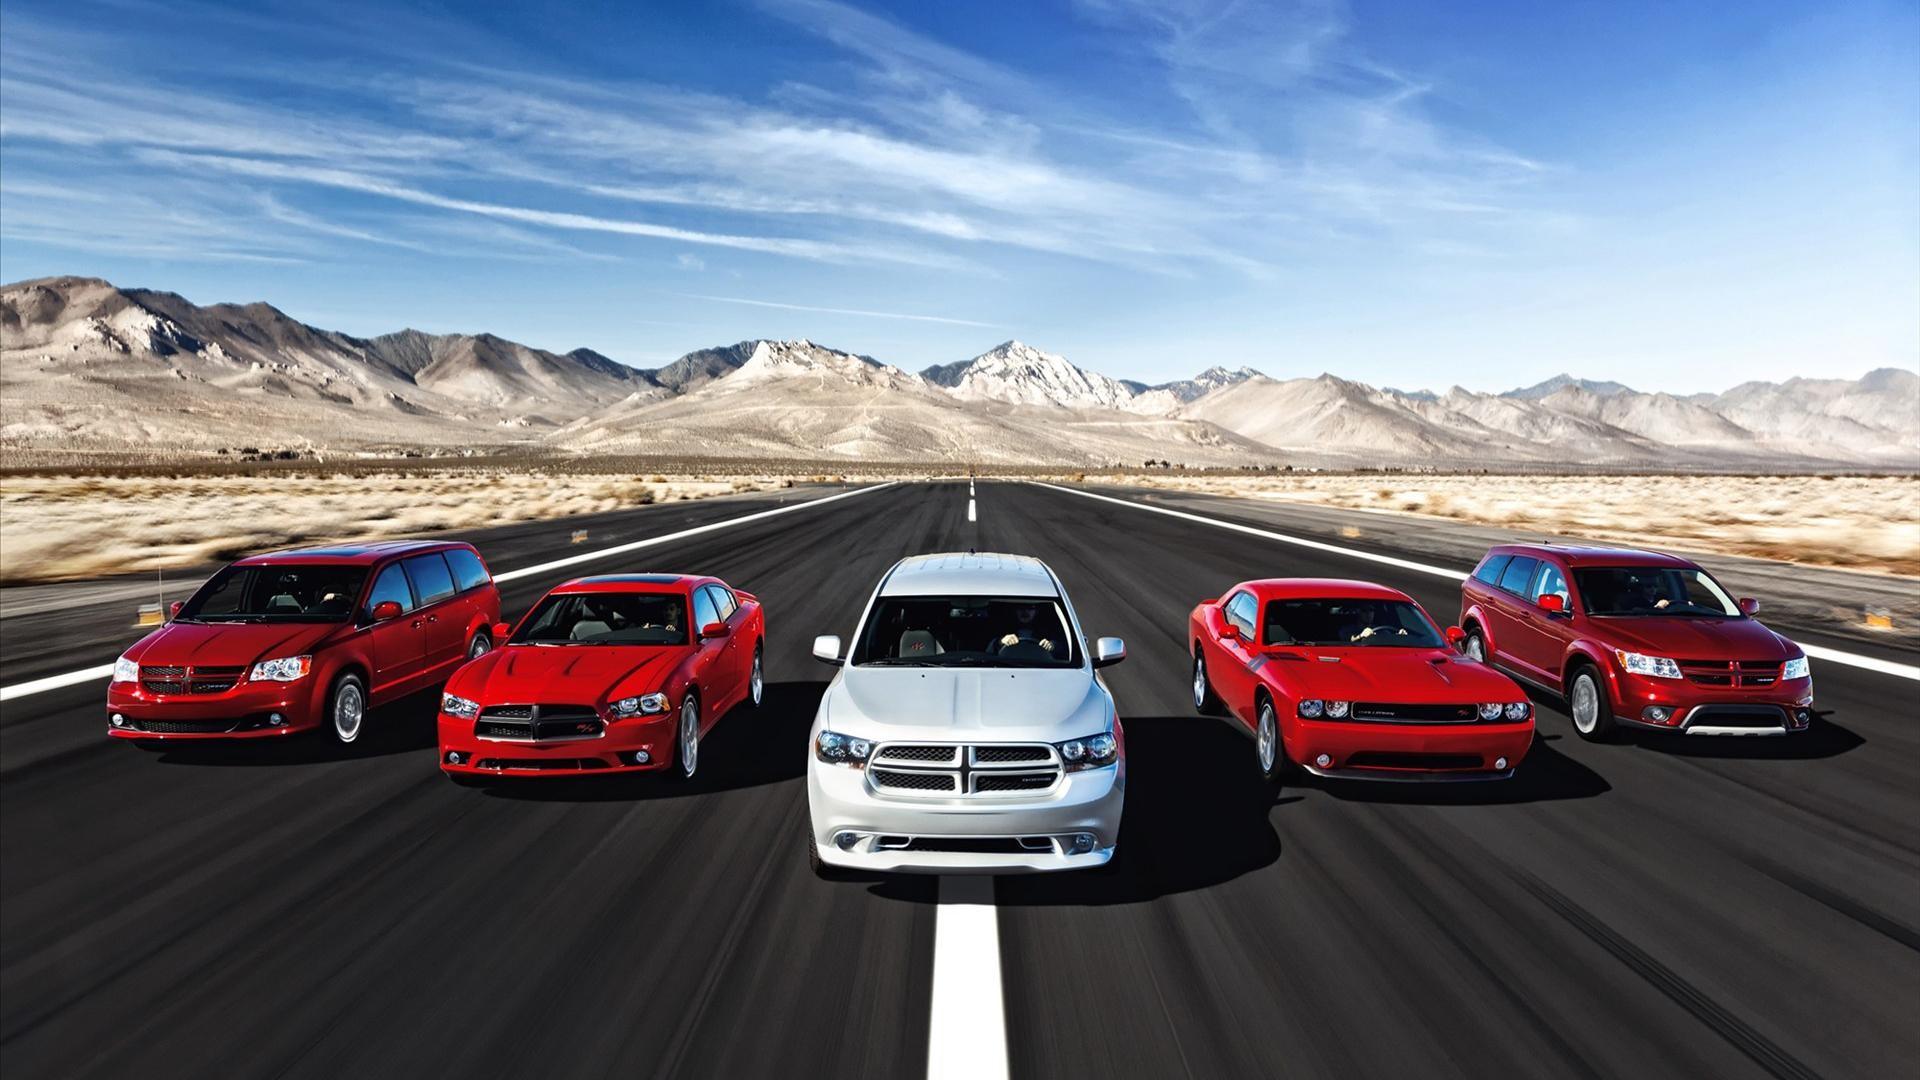 Cool dazzle dodgers car desktop backgrounds